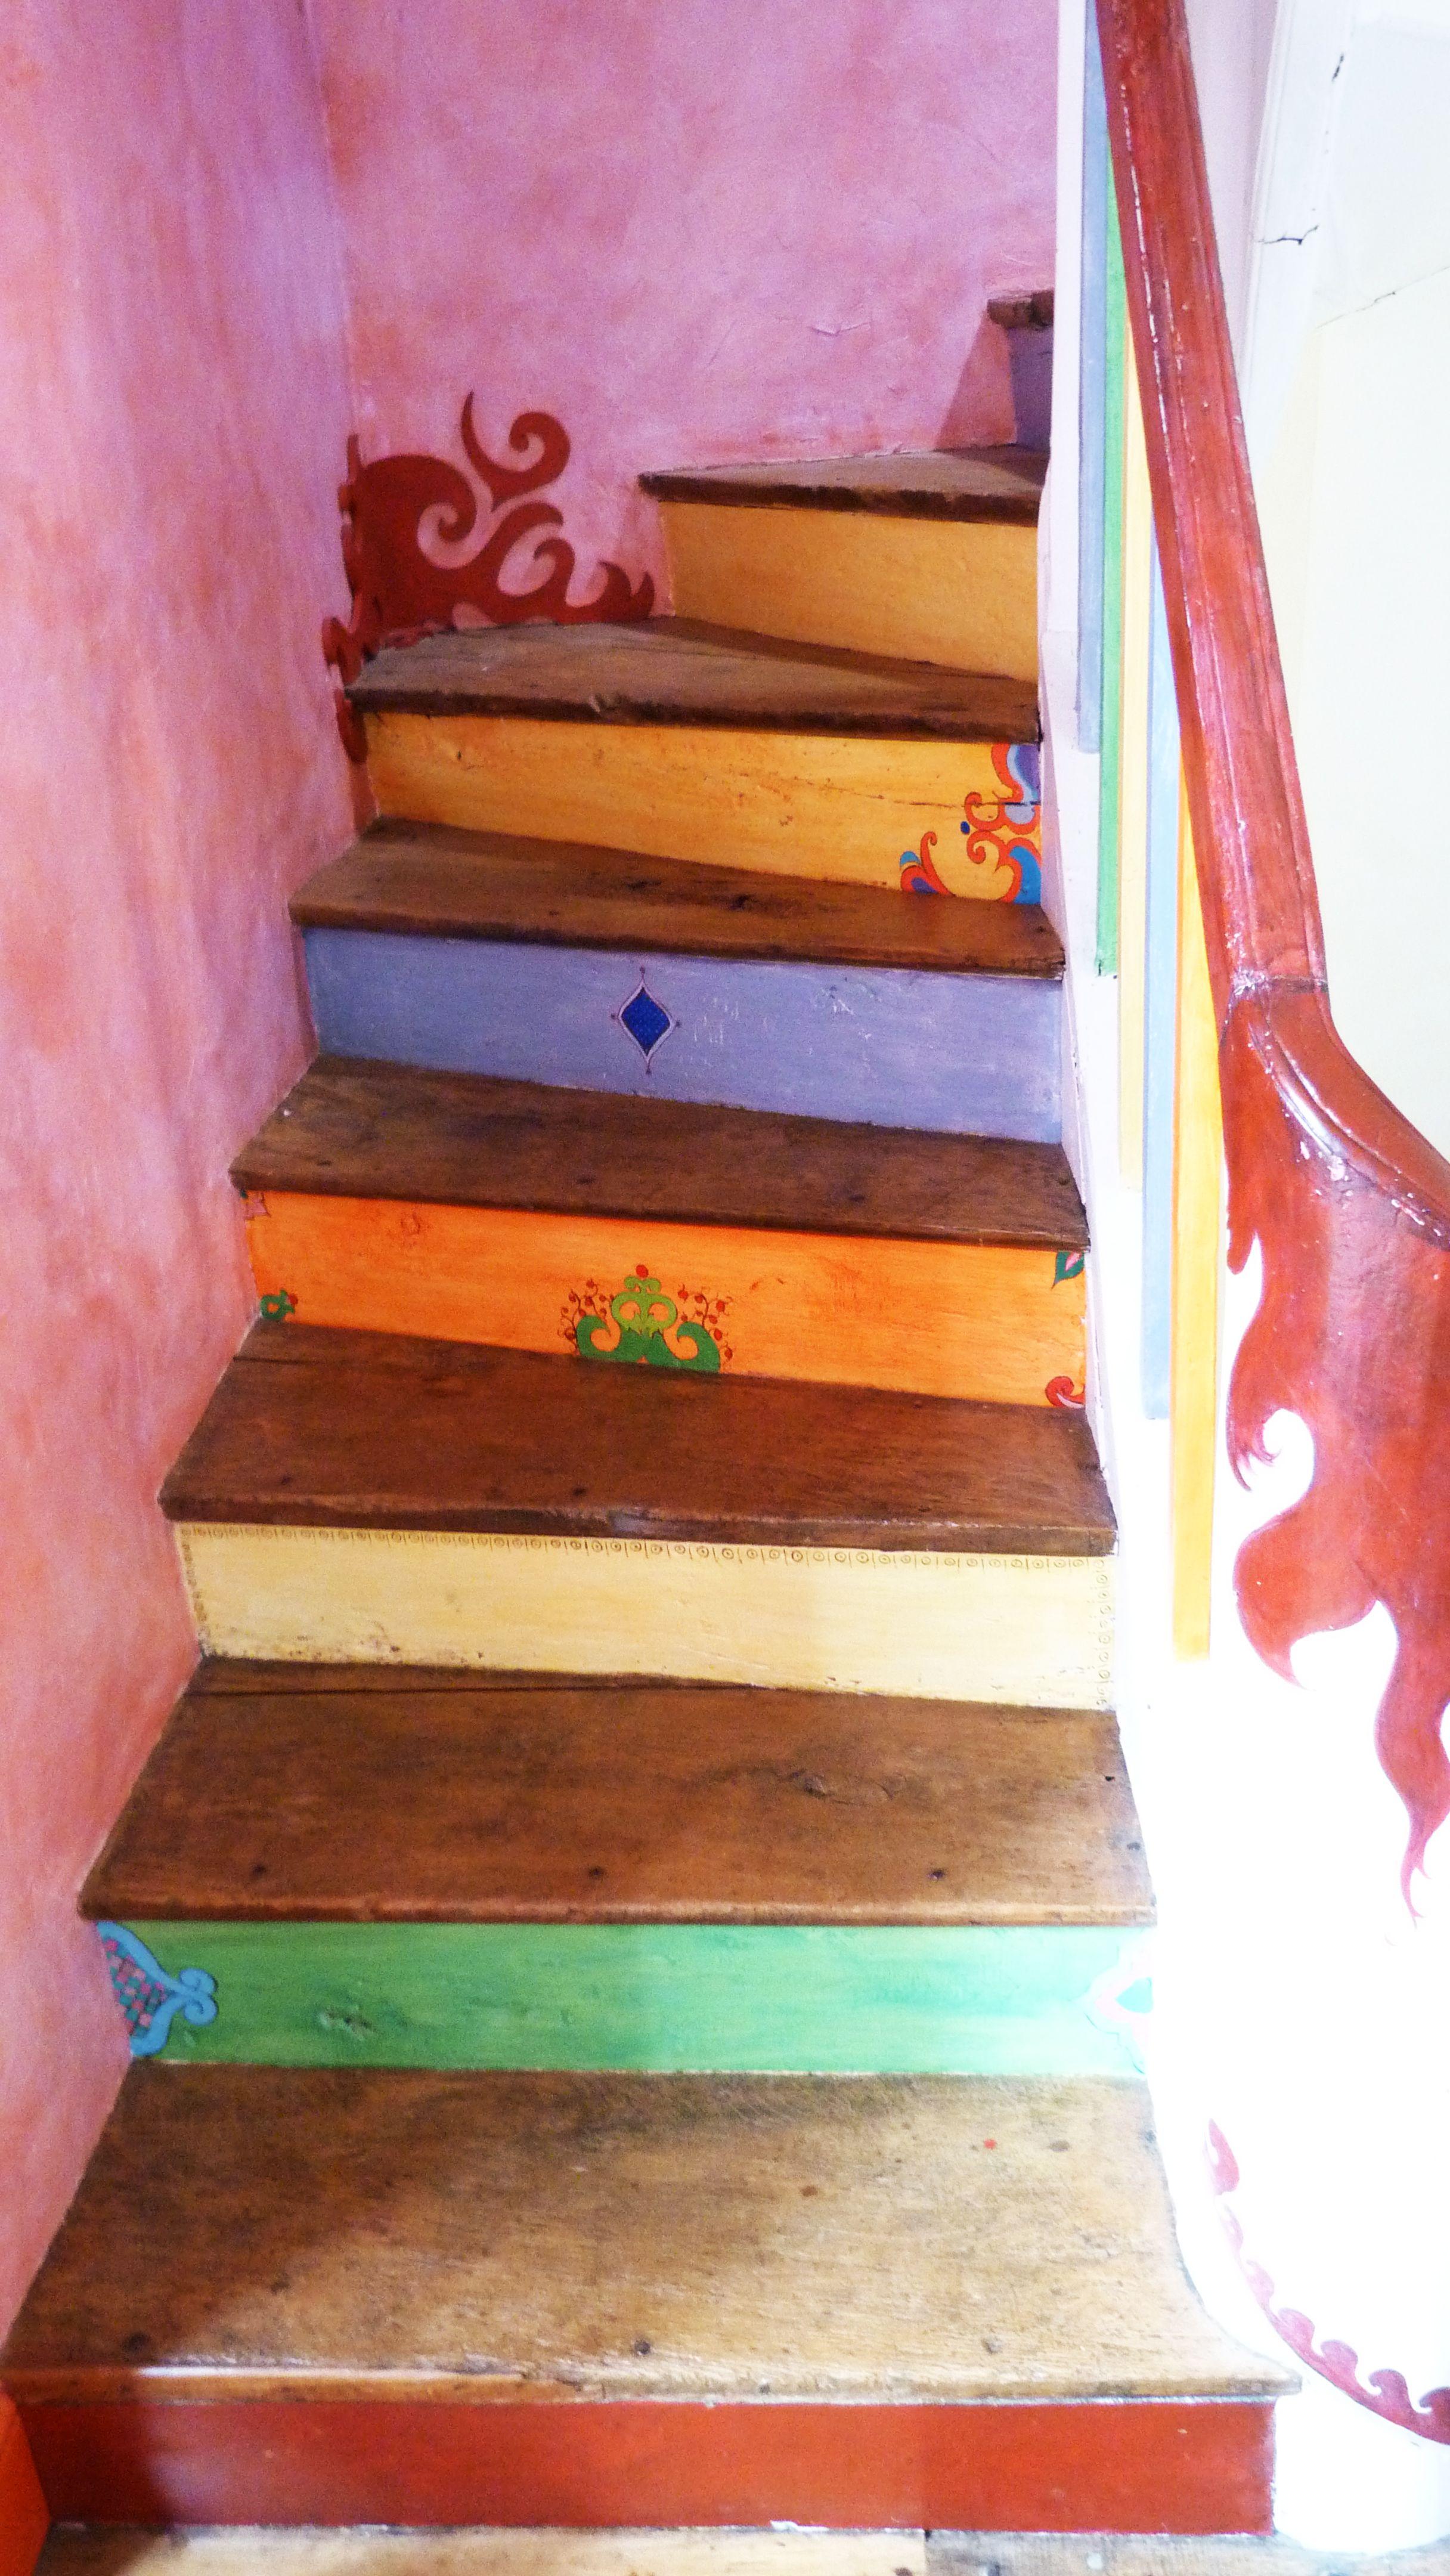 escalier peint deco escaliers pinterest escaliers peindre et deco escalier. Black Bedroom Furniture Sets. Home Design Ideas